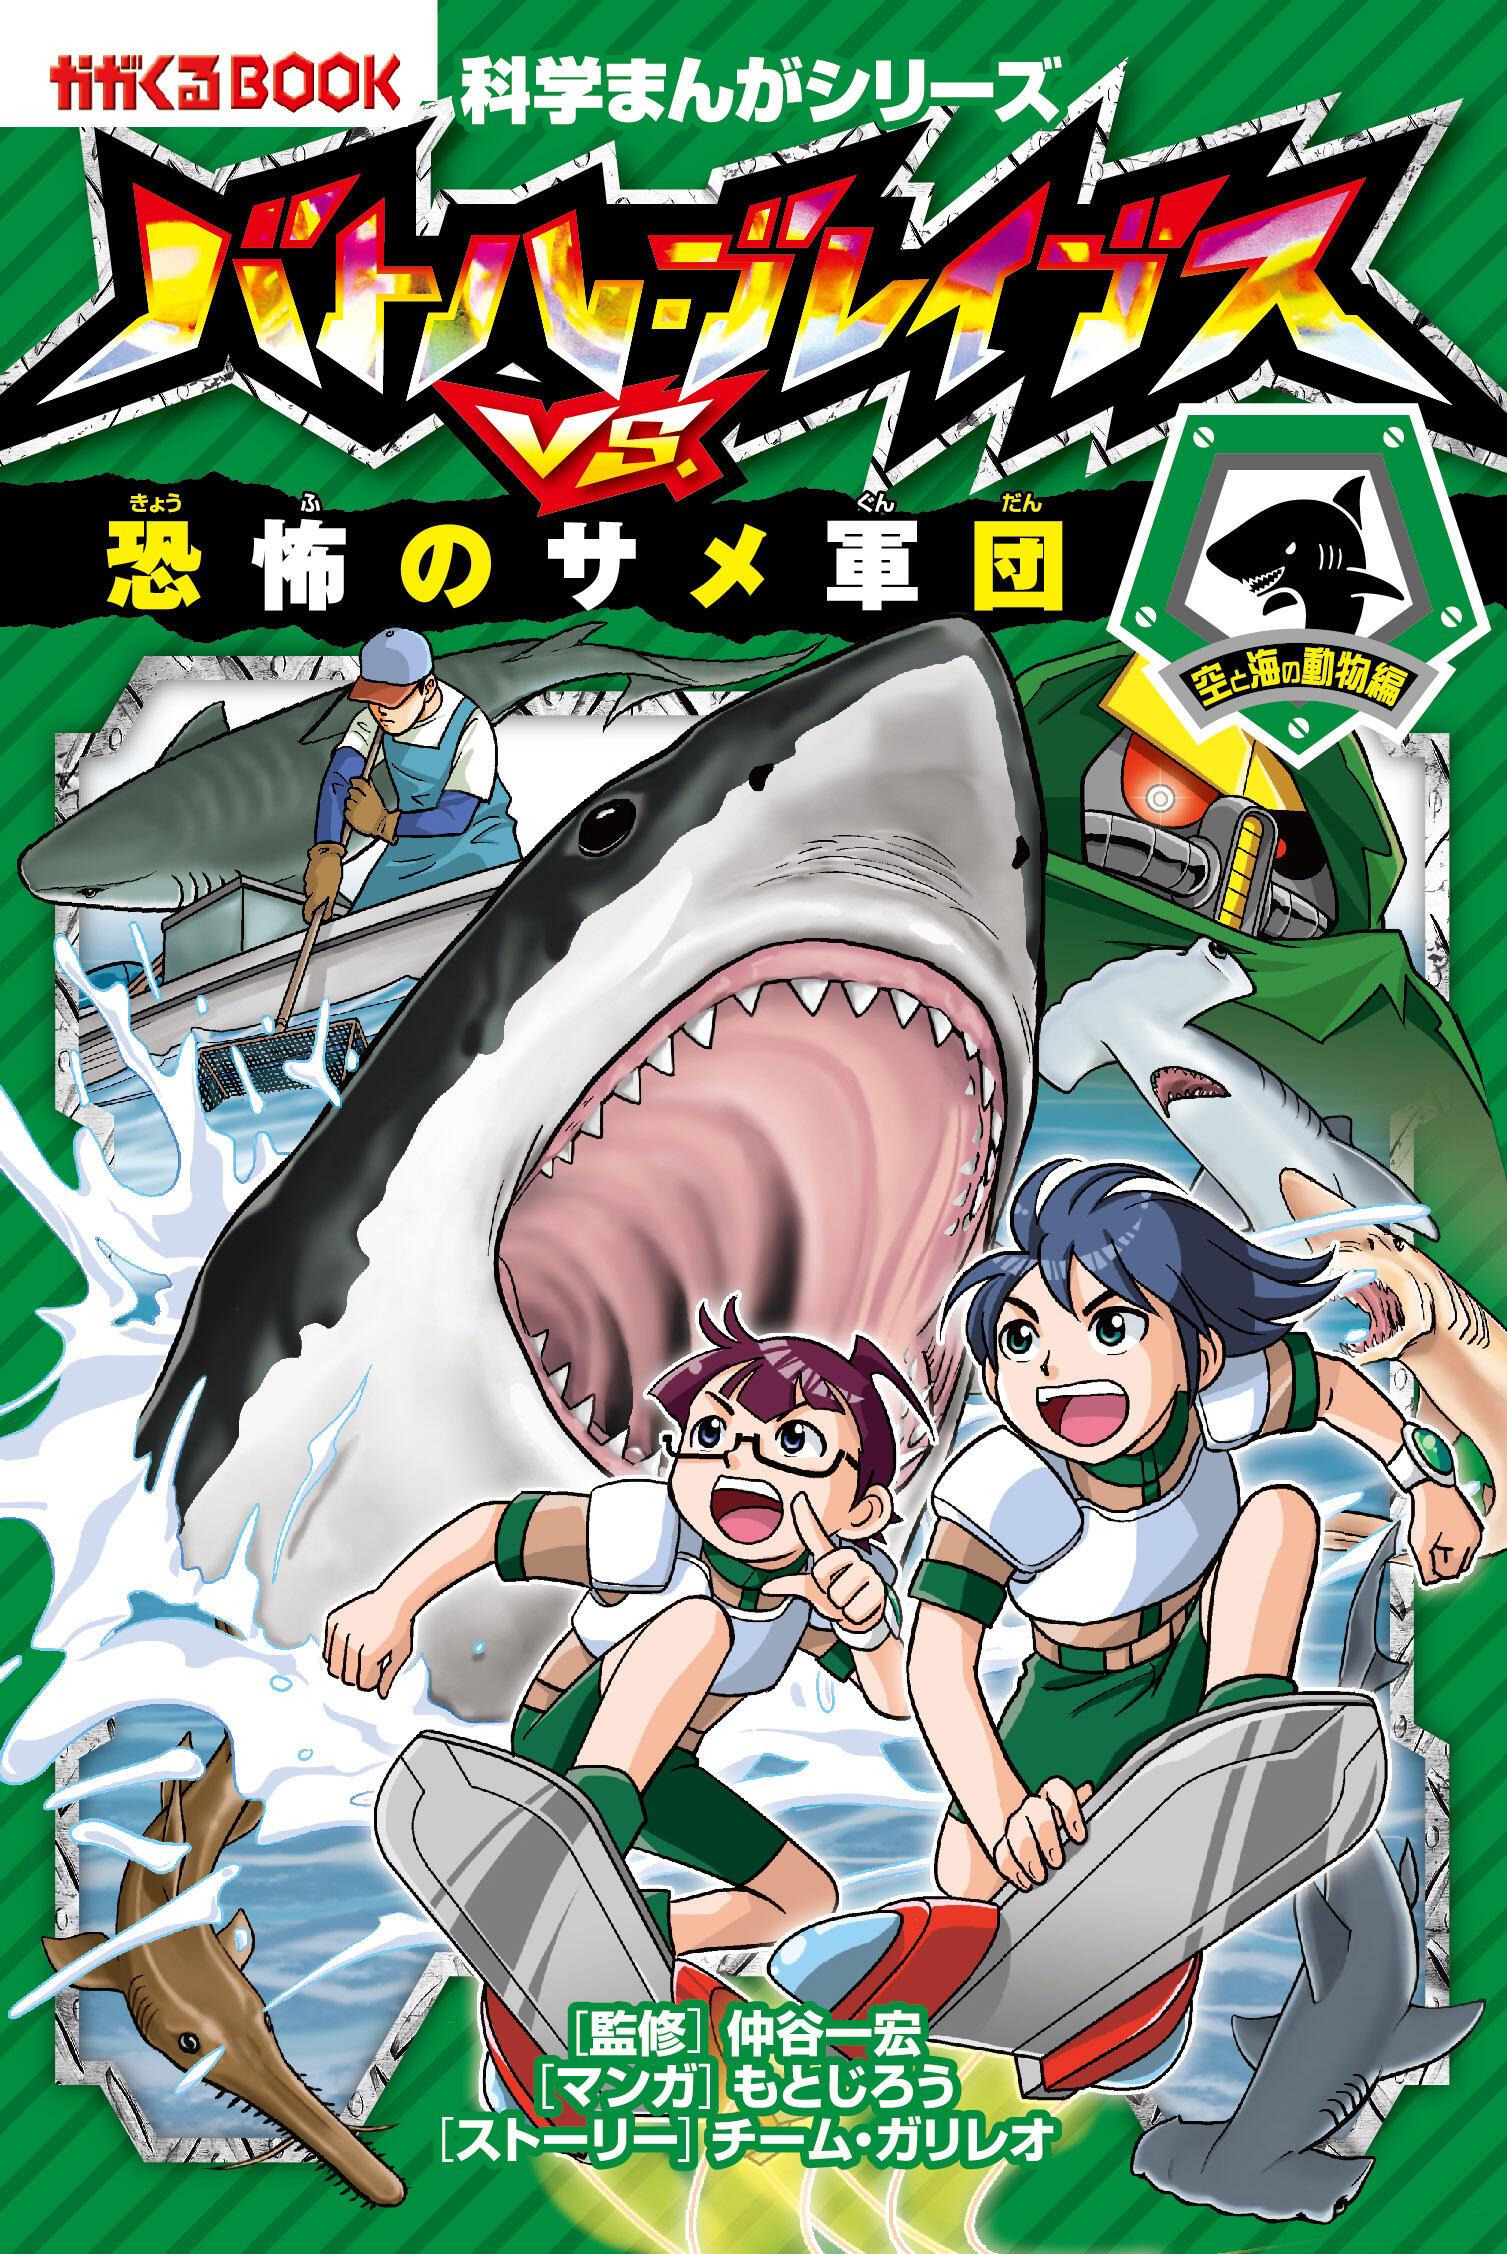 科学まんがシリーズ「バトル・ブレイブス VS. 恐怖のサメ軍団[空と海の動物編]」